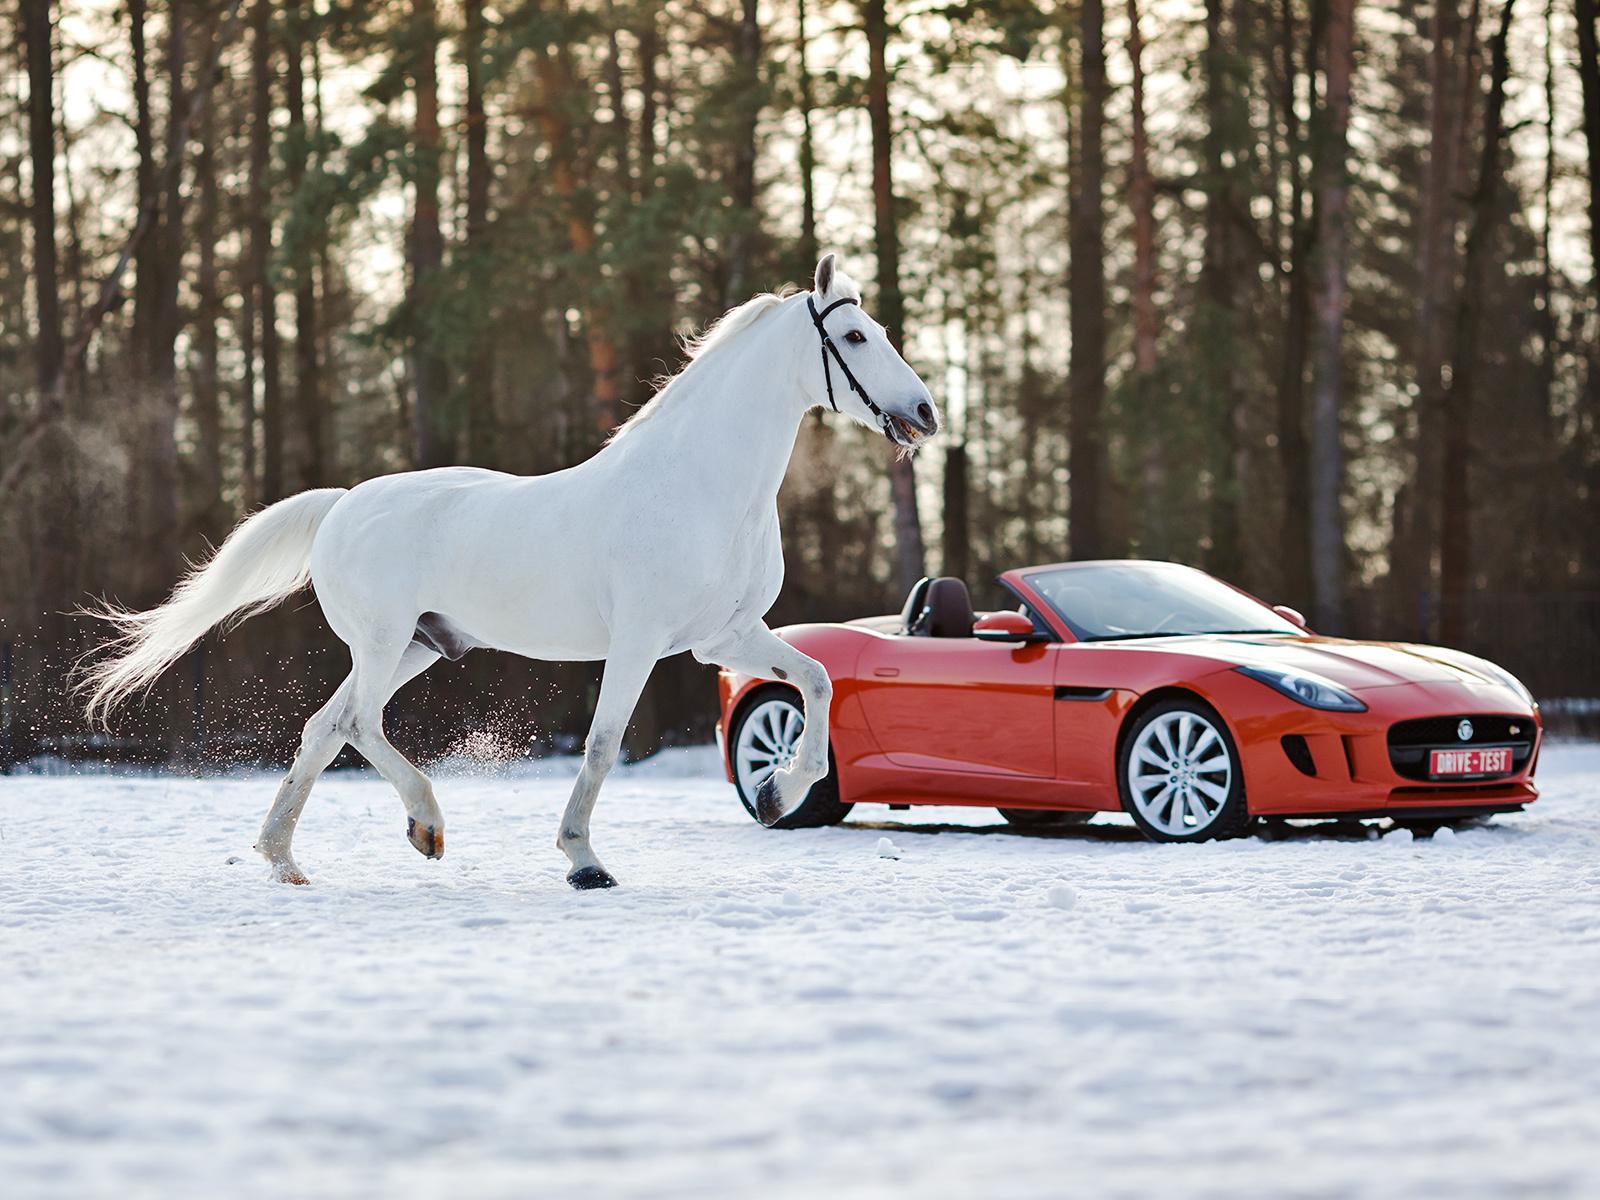 Почему мощность авто измеряется в лошадиных силах